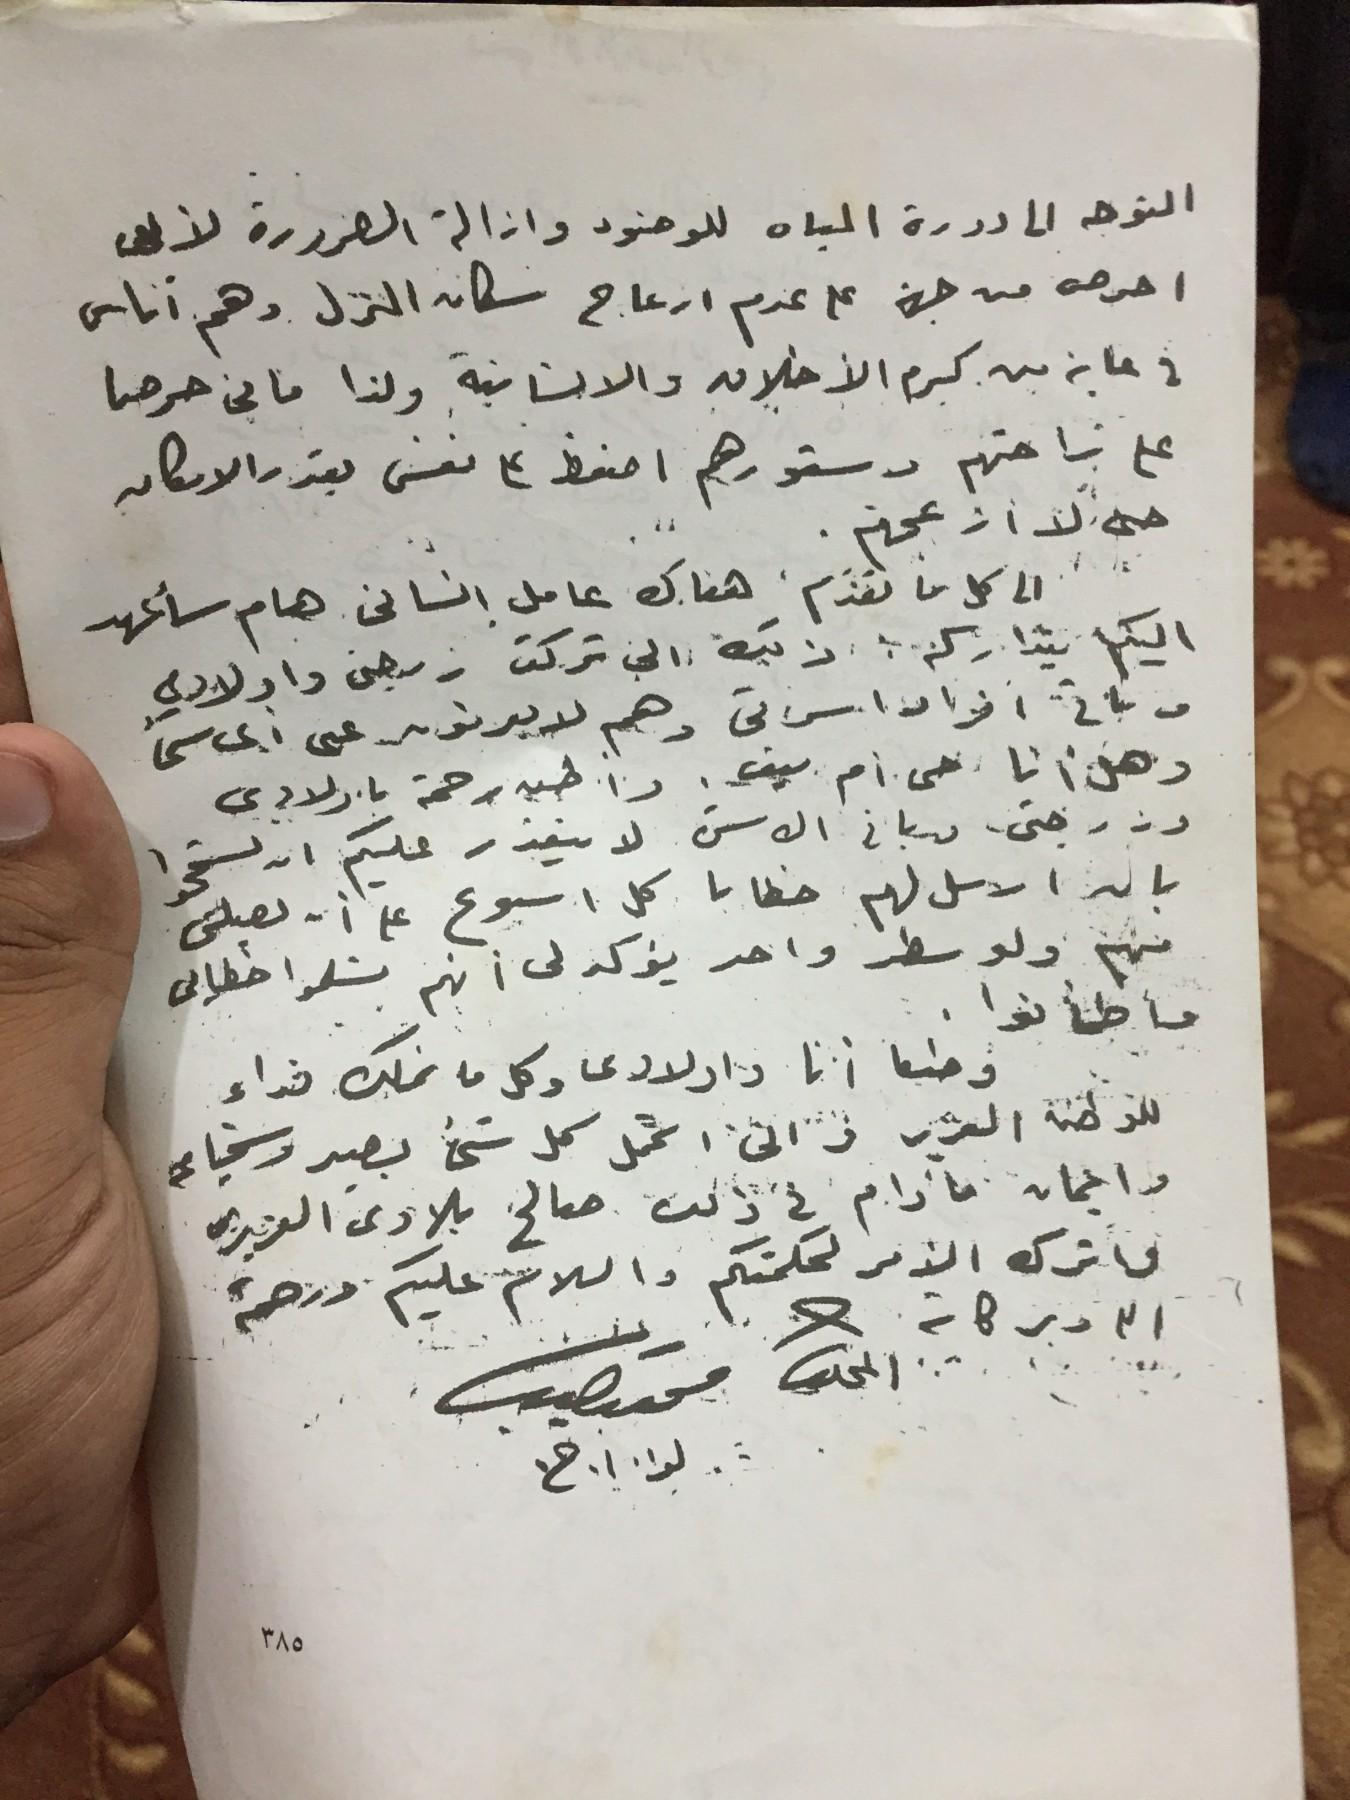 رسالة الرئيس محمد نجيب للرئيس جمال عبد الناصر (1)